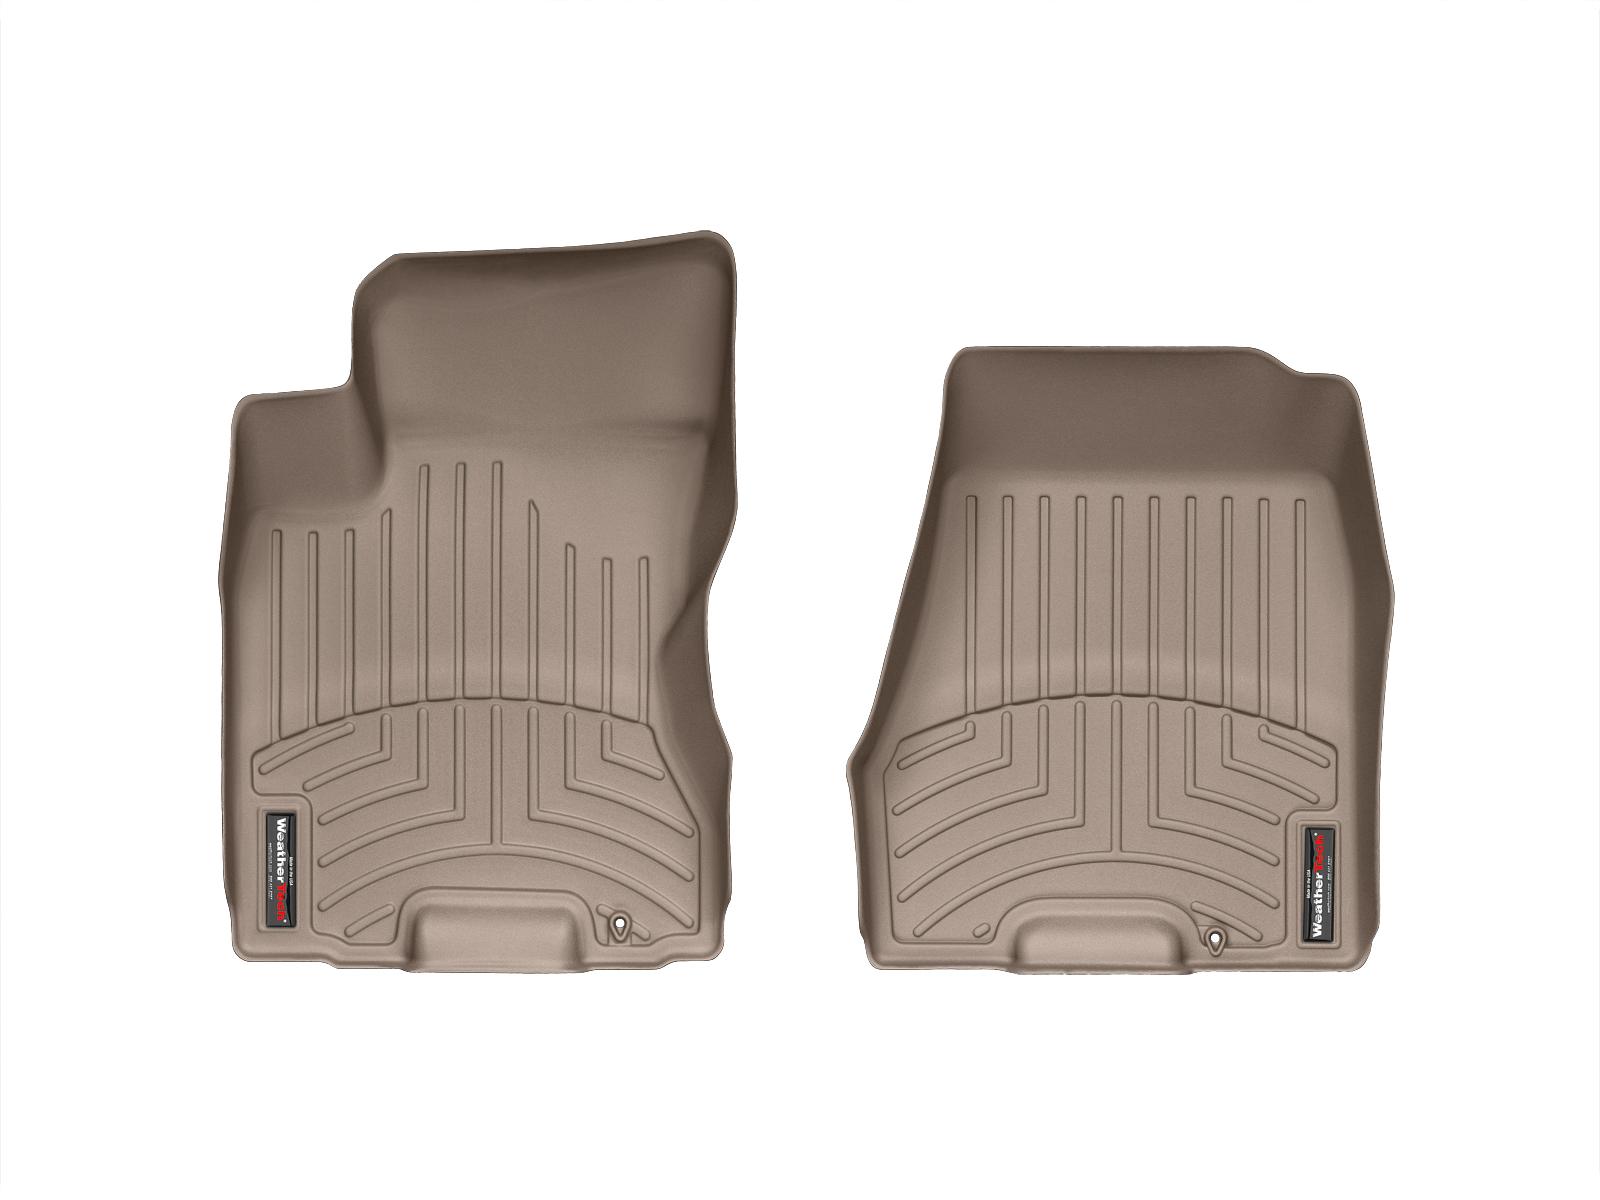 Tappeti gomma su misura bordo alto Nissan X-Trail 07>07 Marrone A2921